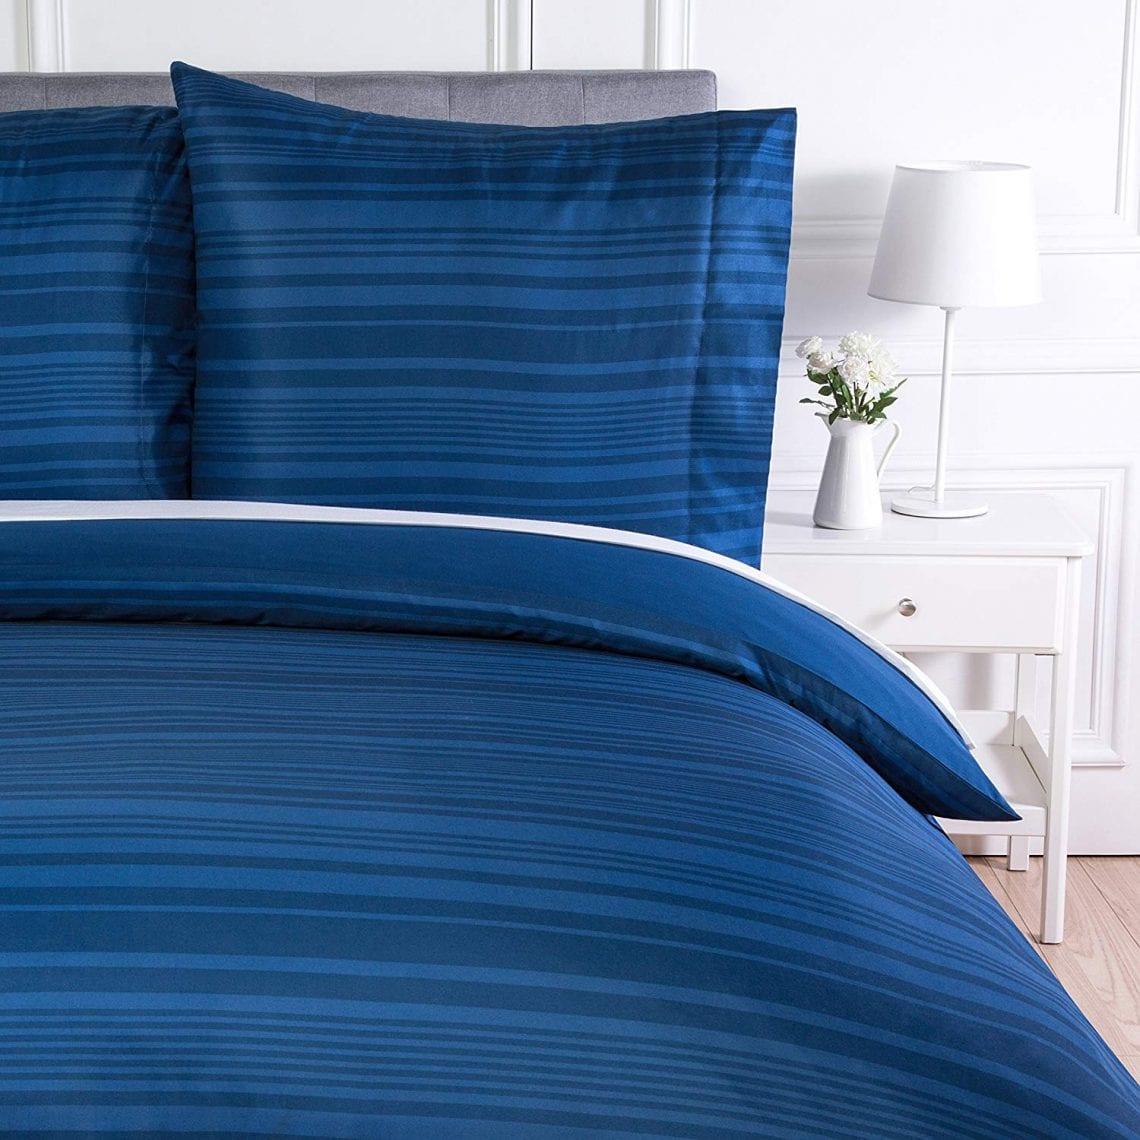 50 cm x70 cm. Bleu Duractron Lot de 2 Taie d/'oreillers 100/% Microfibre Super Douceur Anti-acariens et Hypoallerg/énique